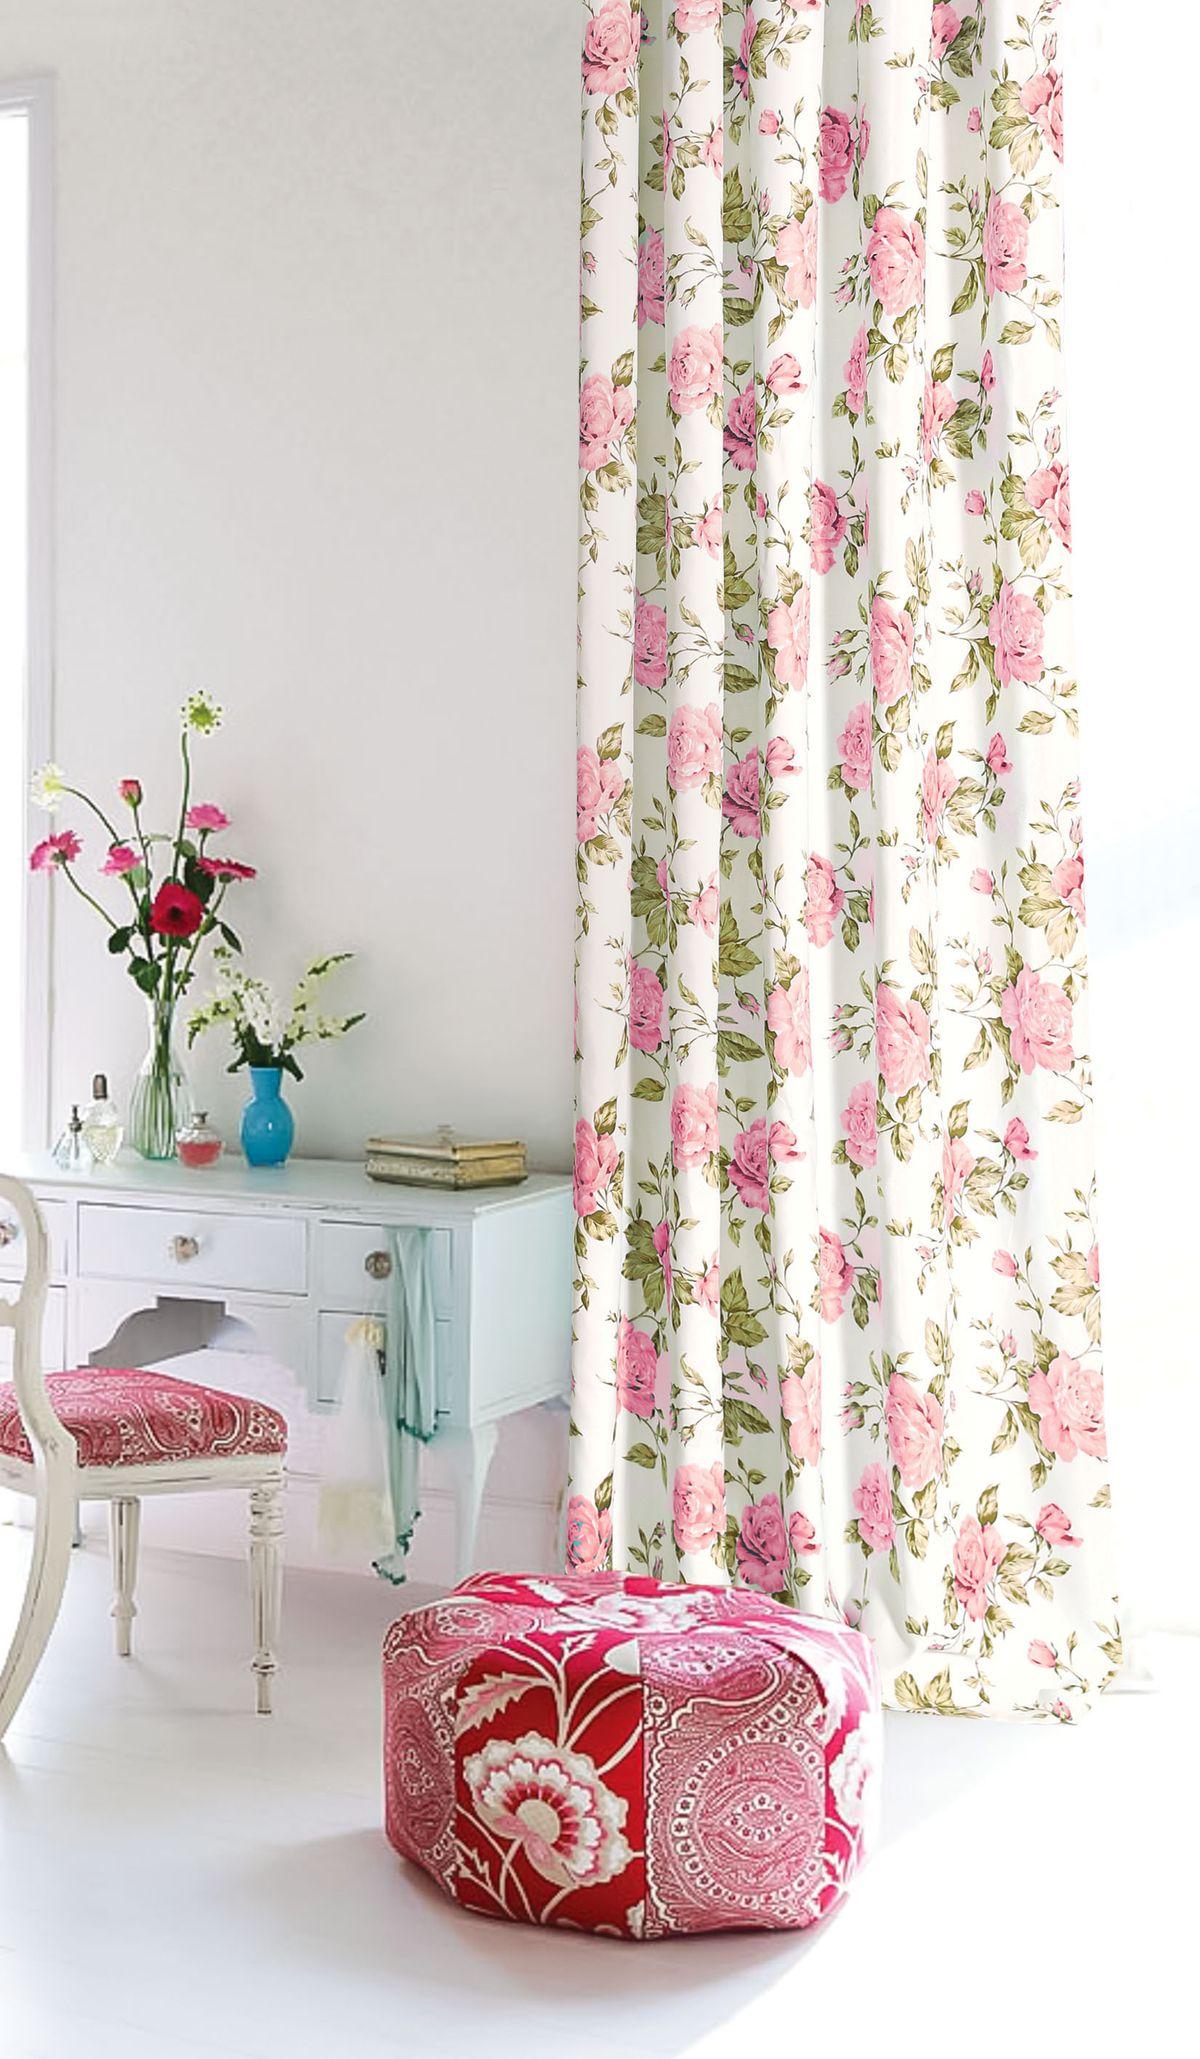 Штора готовая Garden, на ленте, цвет: розовый, 200х260 см. С 9184 - W1687 V211004900000360Изящная штора для гостиной Garden выполнена из плотной ткани. Приятная текстура и цвет привлекут к себе внимание и органично впишутся в интерьер помещения. Штора крепится на карниз при помощи ленты, которая поможет красиво и равномерно задрапировать верх.